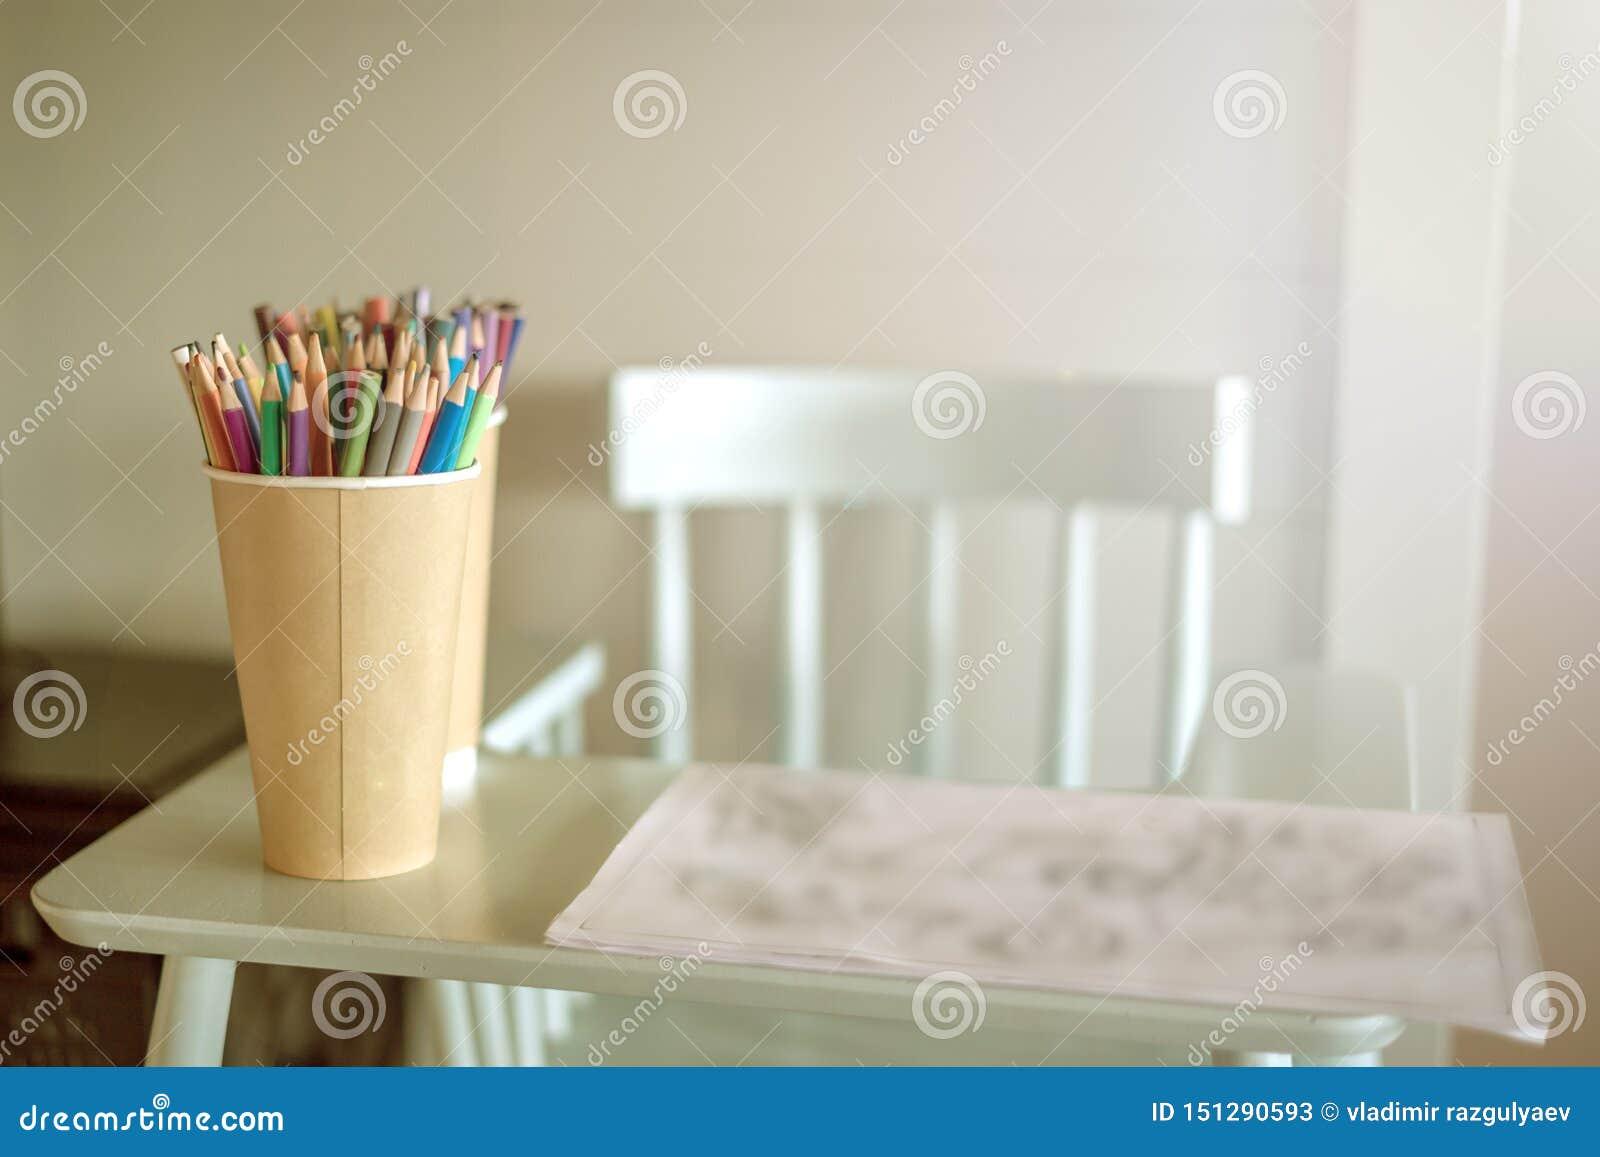 Τα μολύβια Сolored είναι στην υψηλή καρέκλα